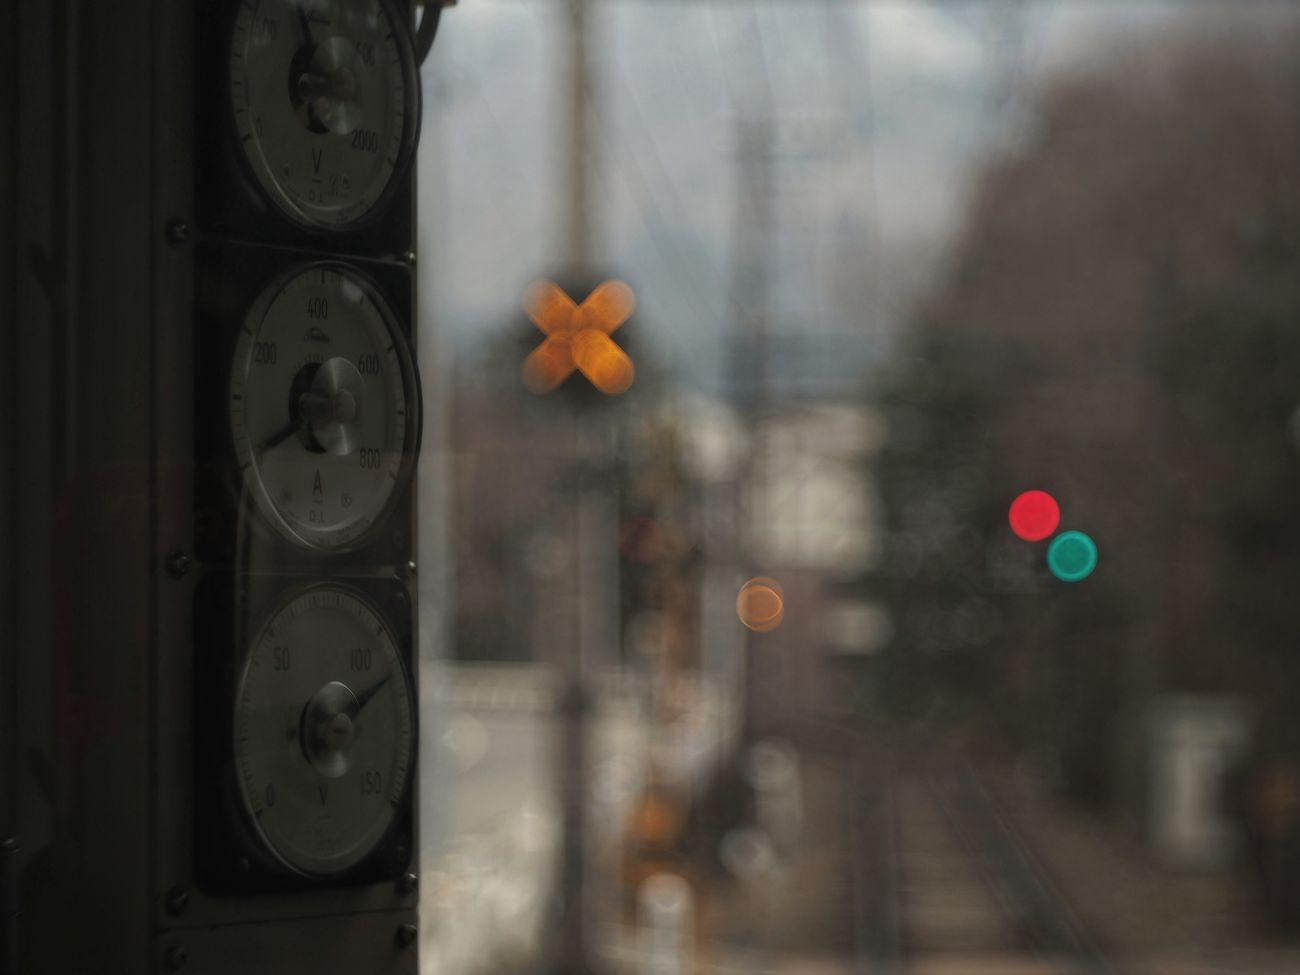 ✕と○ X Mark Bokeh Lights Meters Railroad Crossing From Train Window Capture The Moment Light And Shadow Getting Inspired Bokeh Photography 車窓から 踏切 箱根登山電車